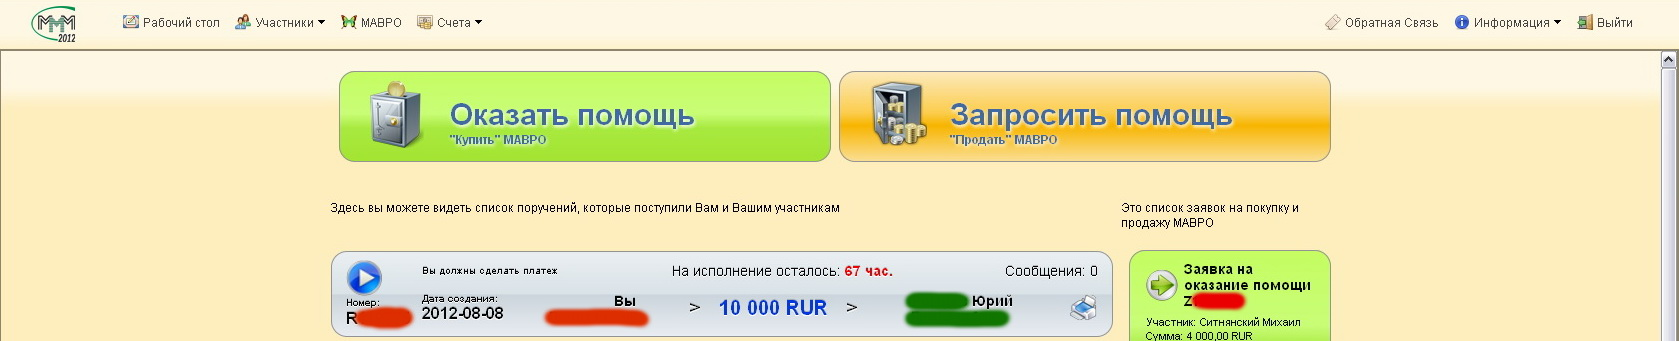 МММ-2012. Выплата